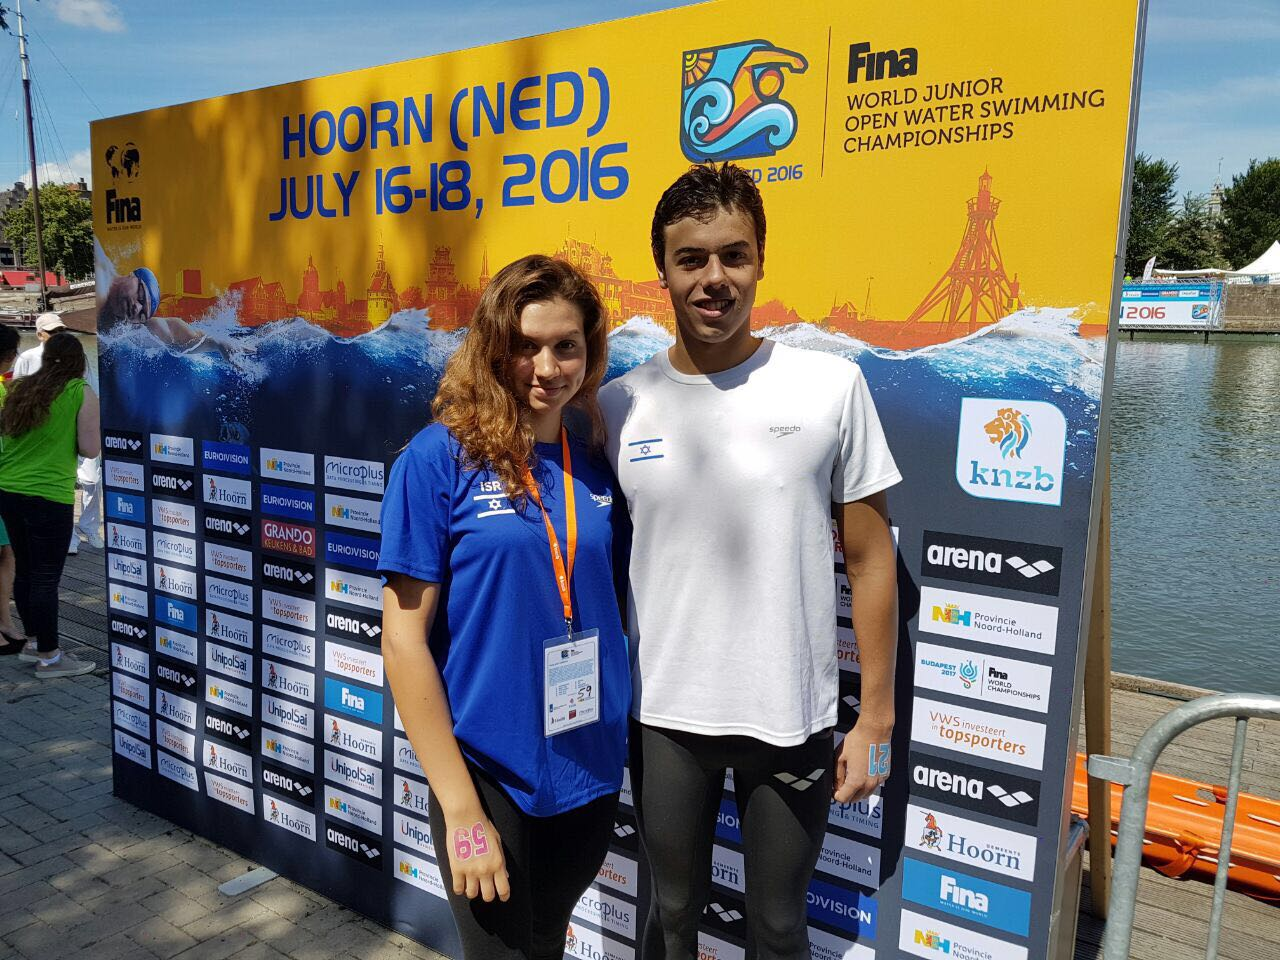 הישג מרשים למתן רודיטי באליפות העולם לנוער בהורן